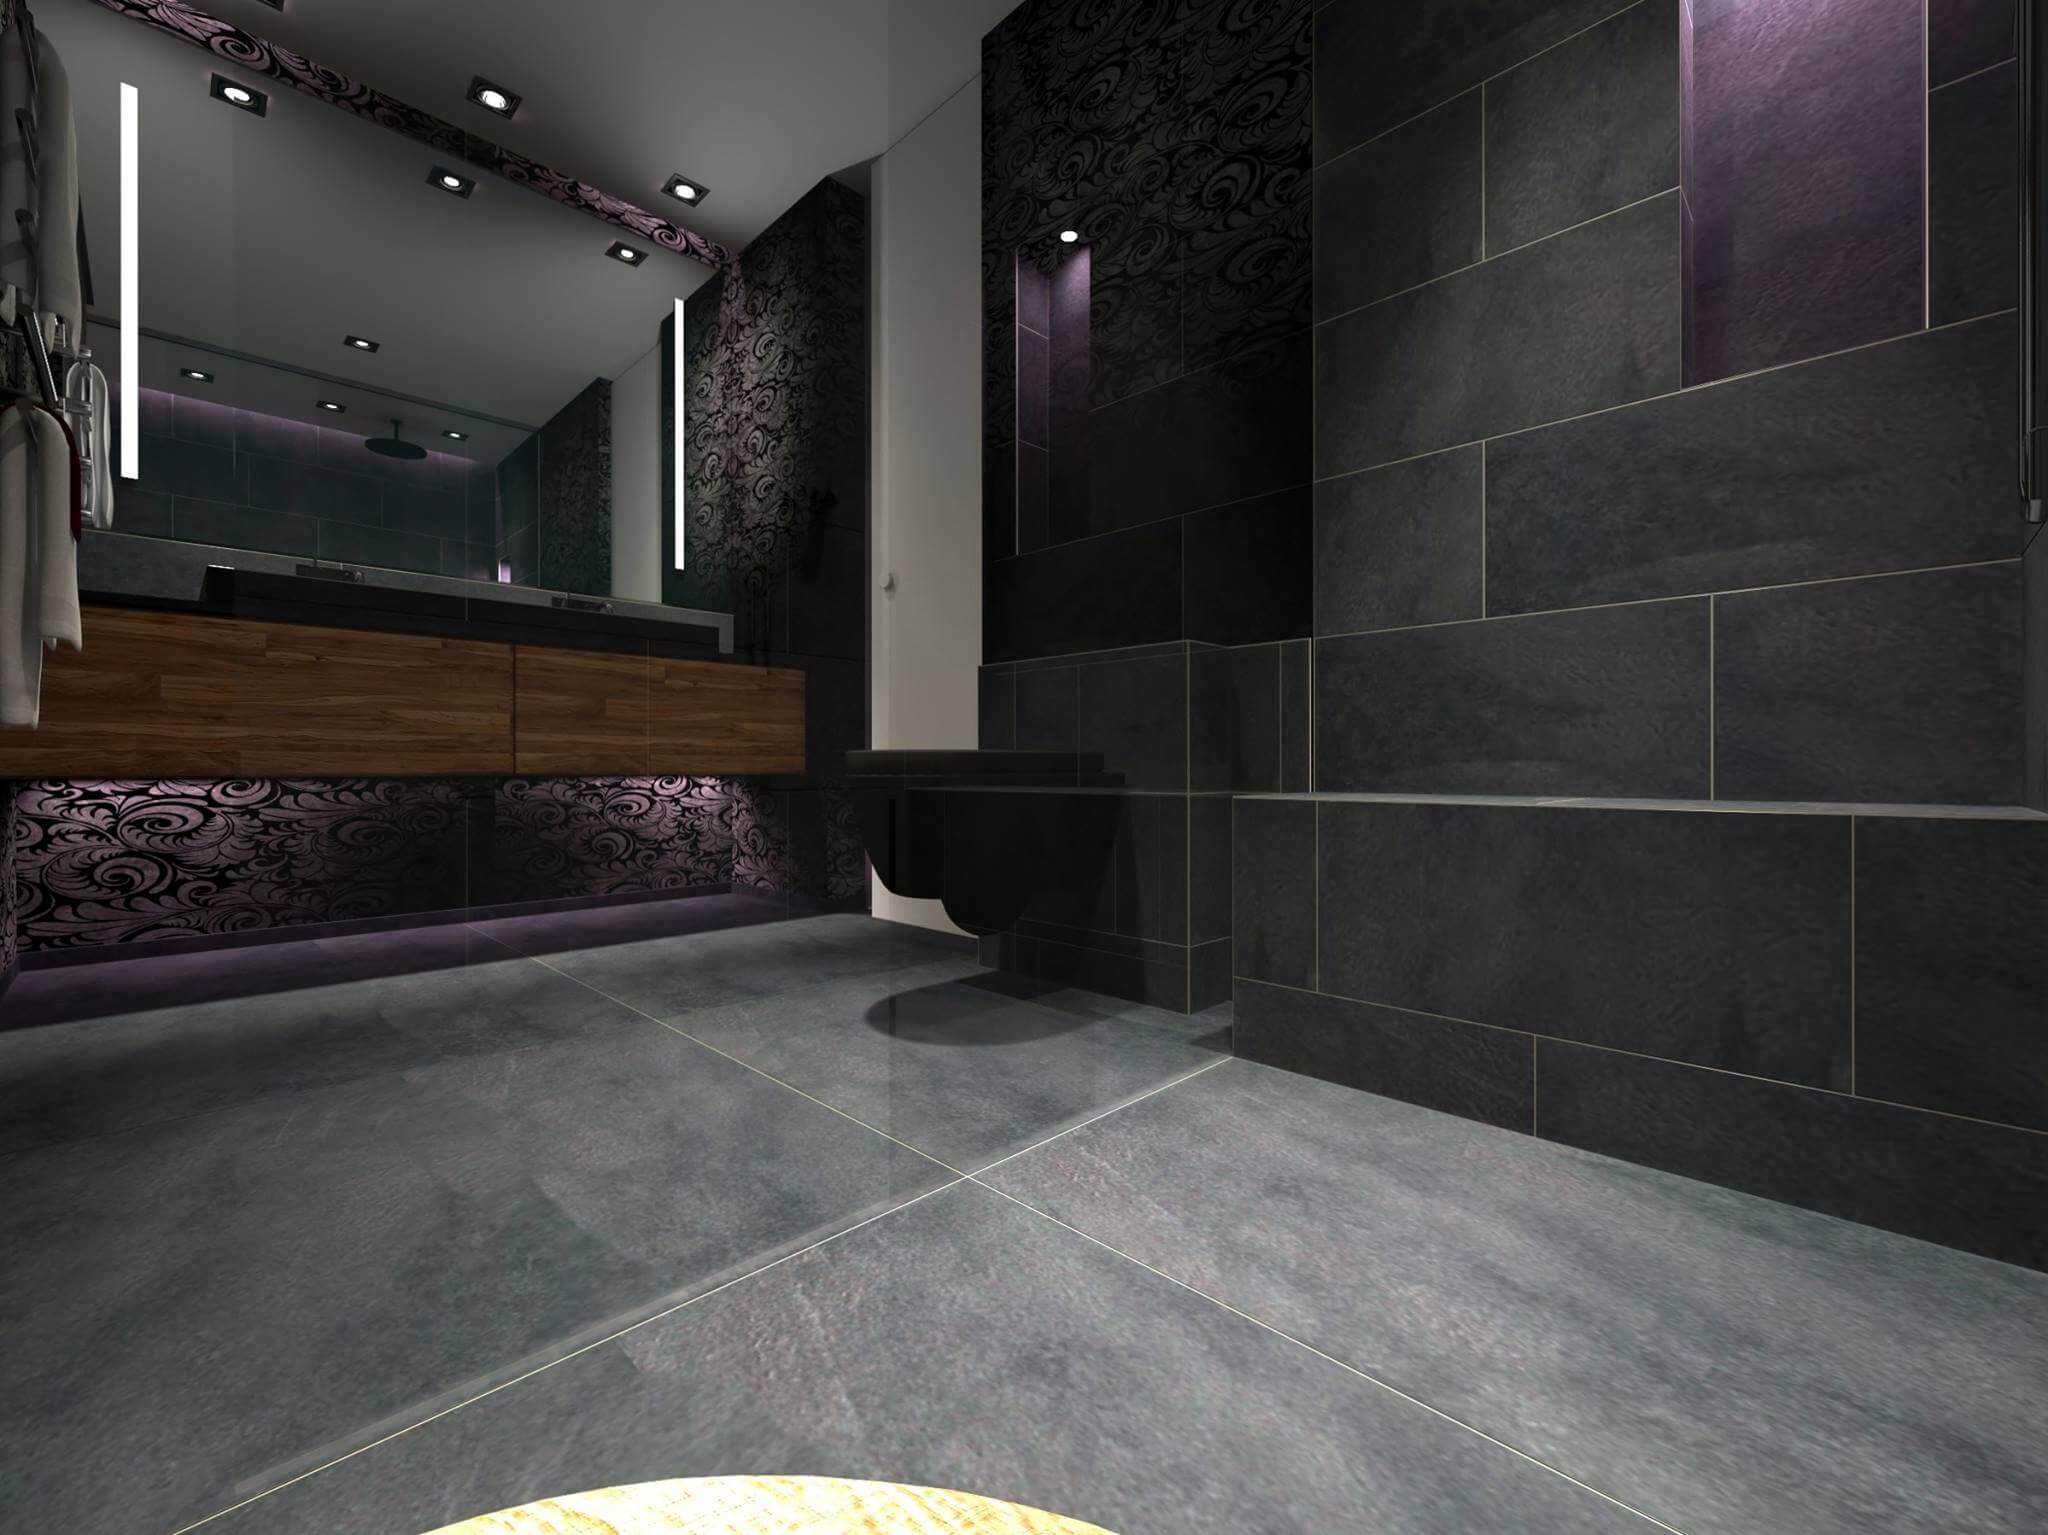 Badezimmergestaltung  Badezimmer Gestaltung kahlenberg.info Inspirierende Beispiele ...